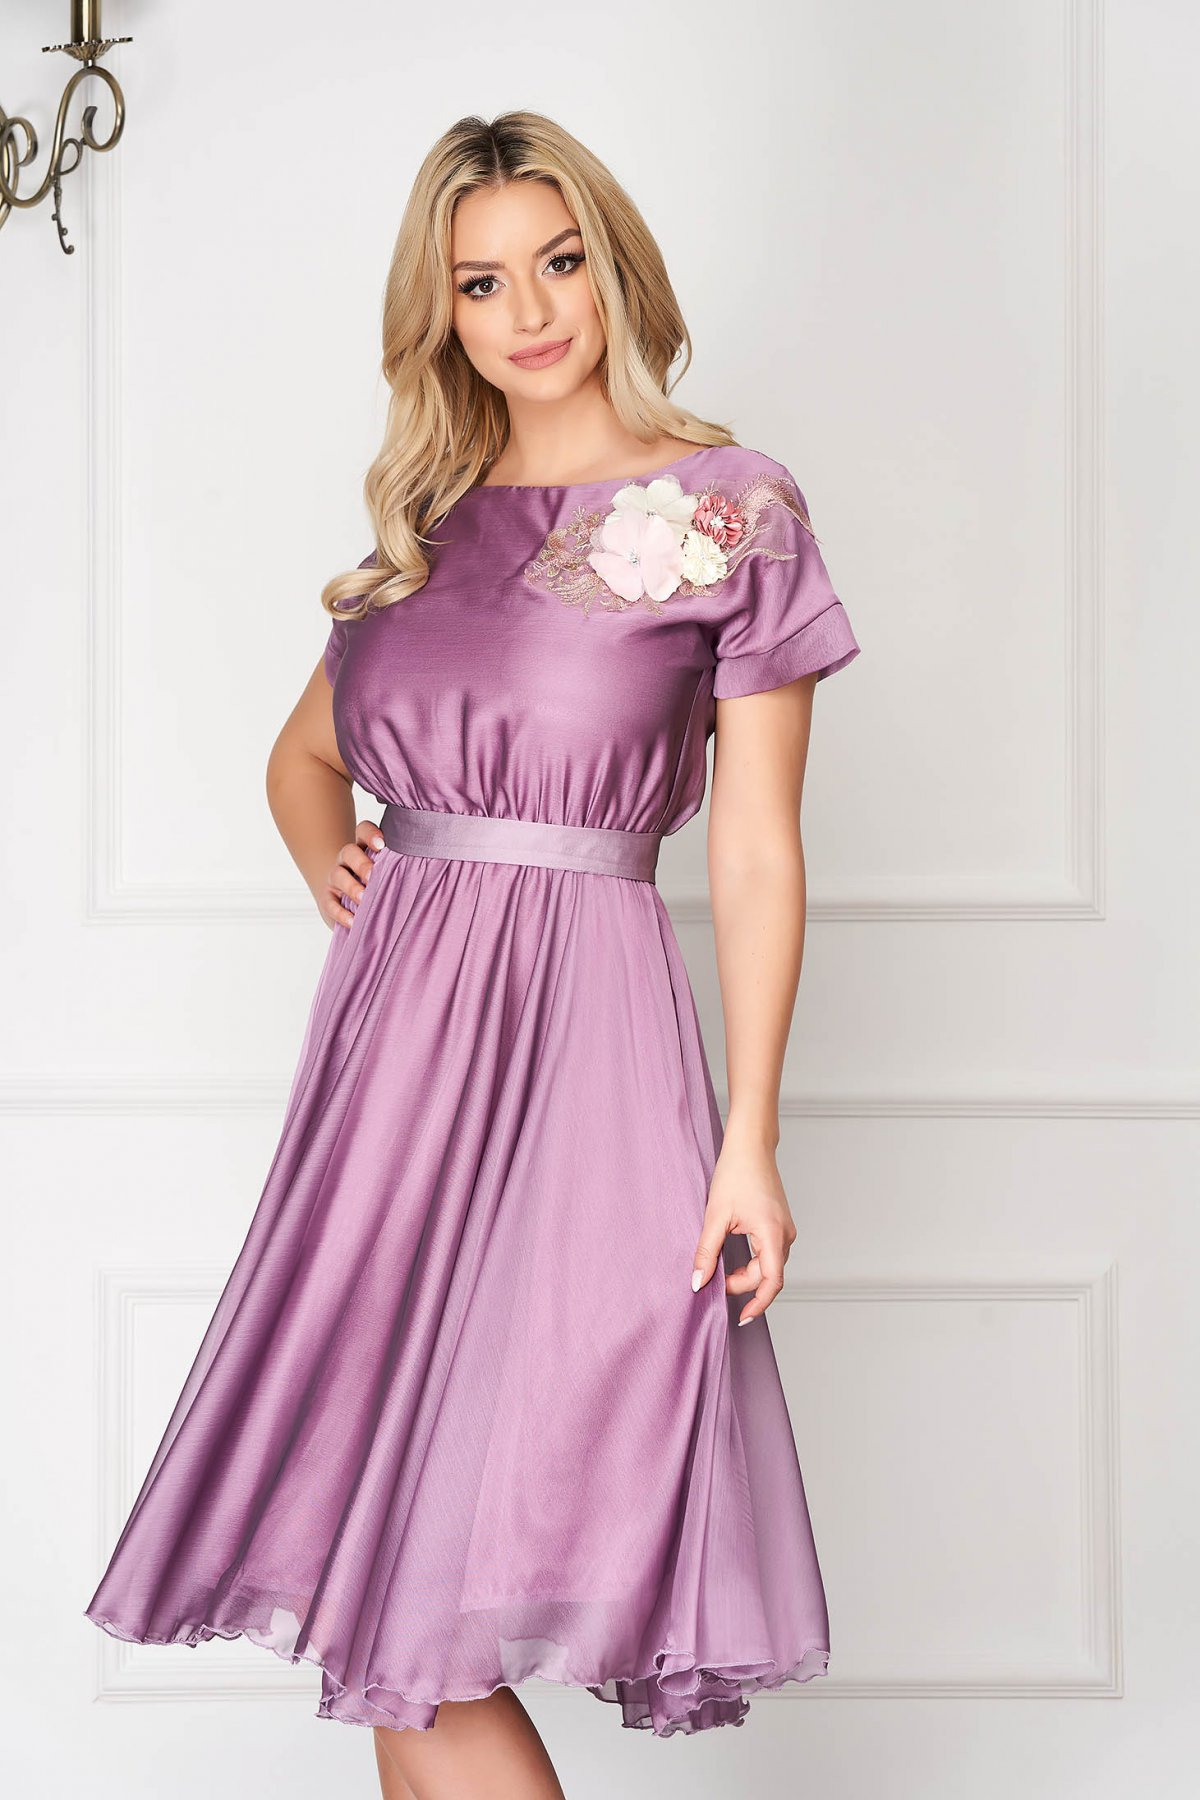 Rochie StarShinerS lila de ocazie in clos cu elastic in talie accesorizata cu cordon